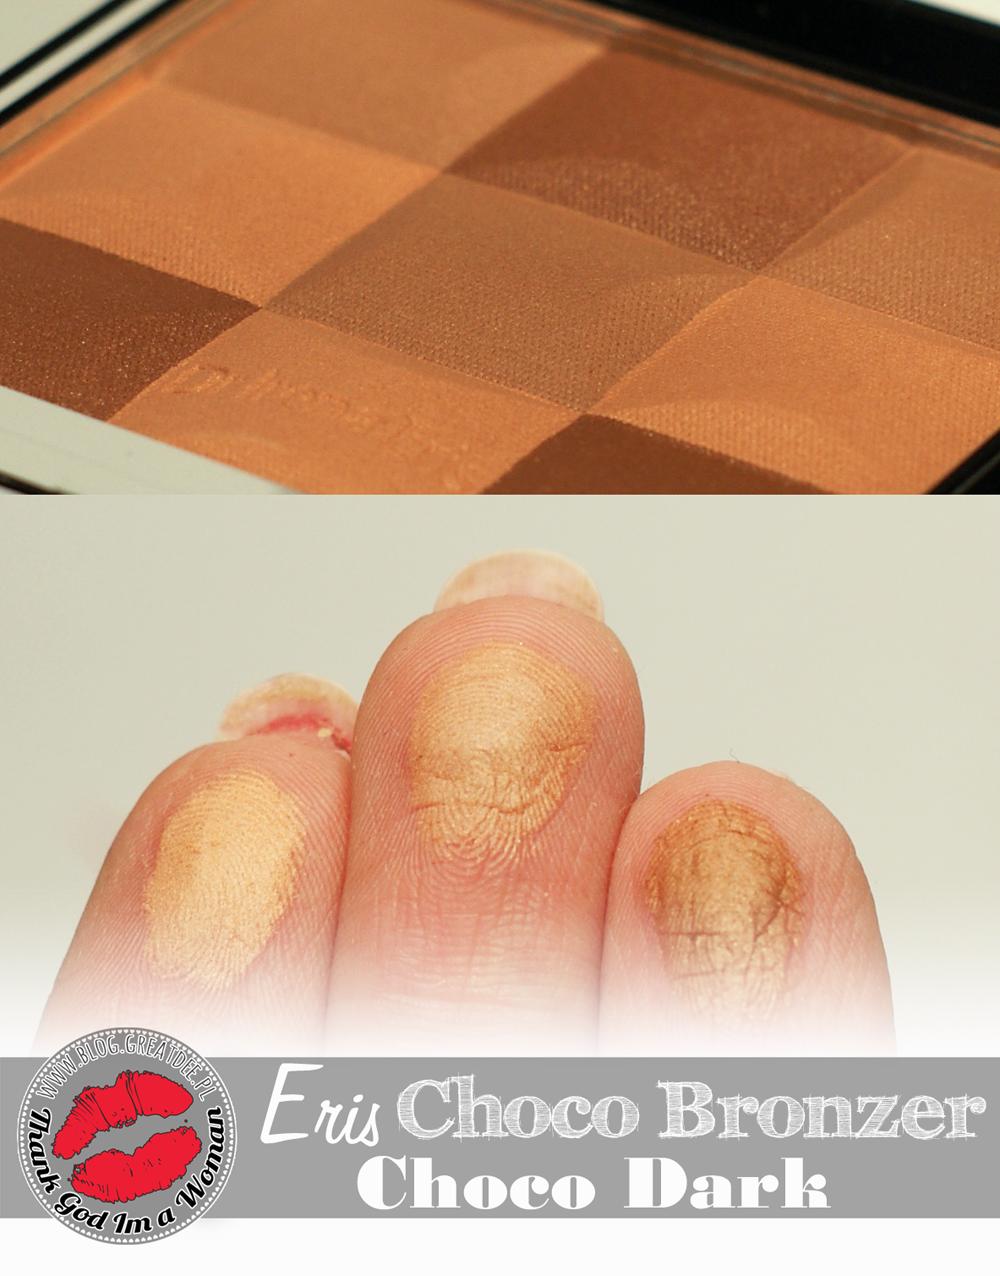 Irena Eris - Provoke - Choco Bronzer Dark